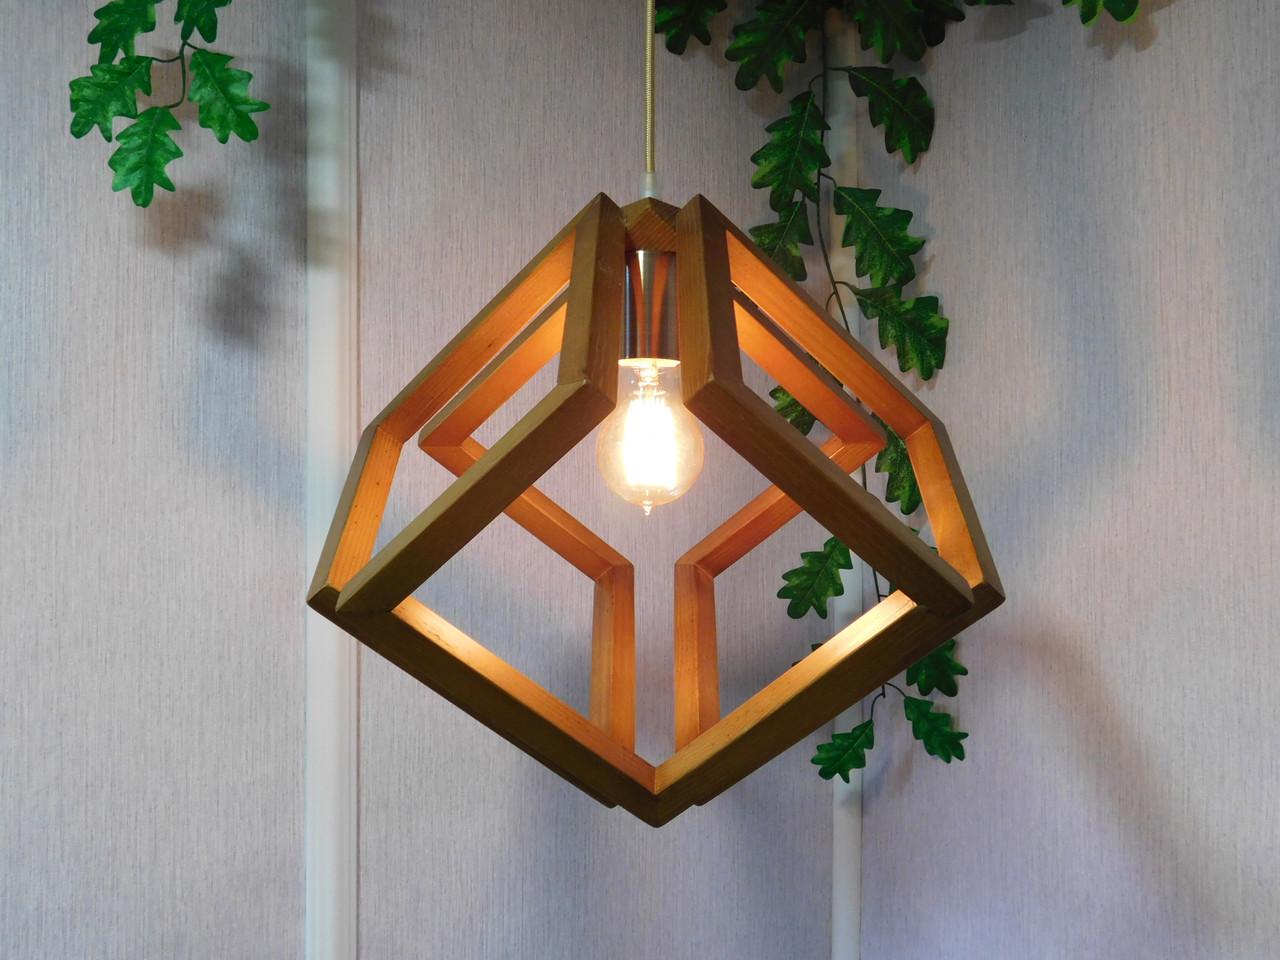 Подвесной светильник из первосортного дерева, современный стиль, бесконечный контур квадрата, светлый